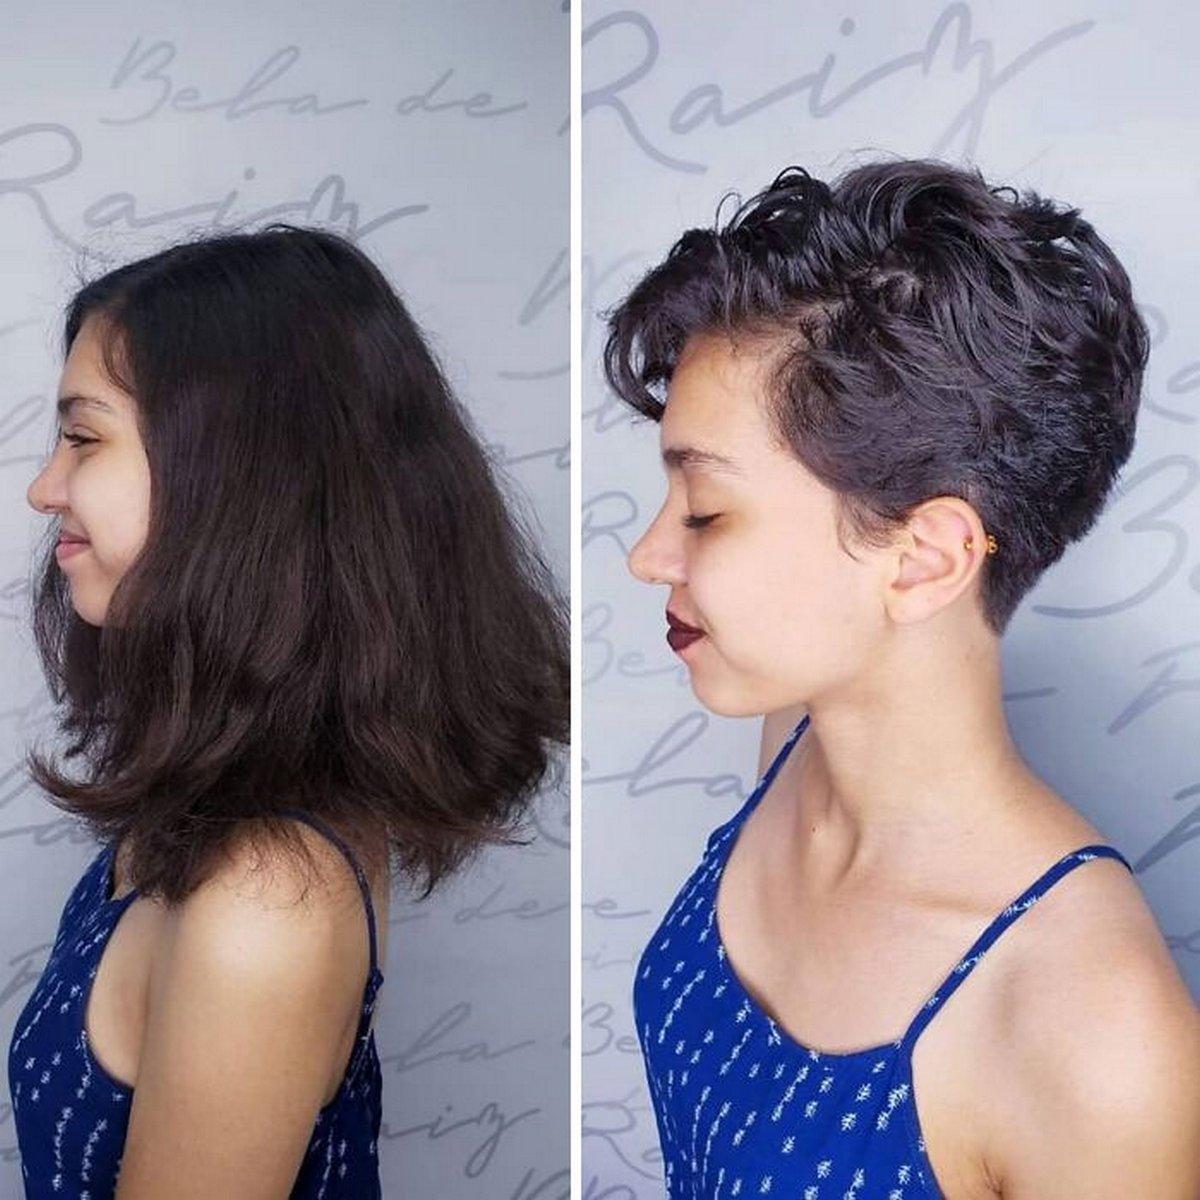 Ces coupes courtes prouvent que les cheveux longs ne sont pas toujours mieux